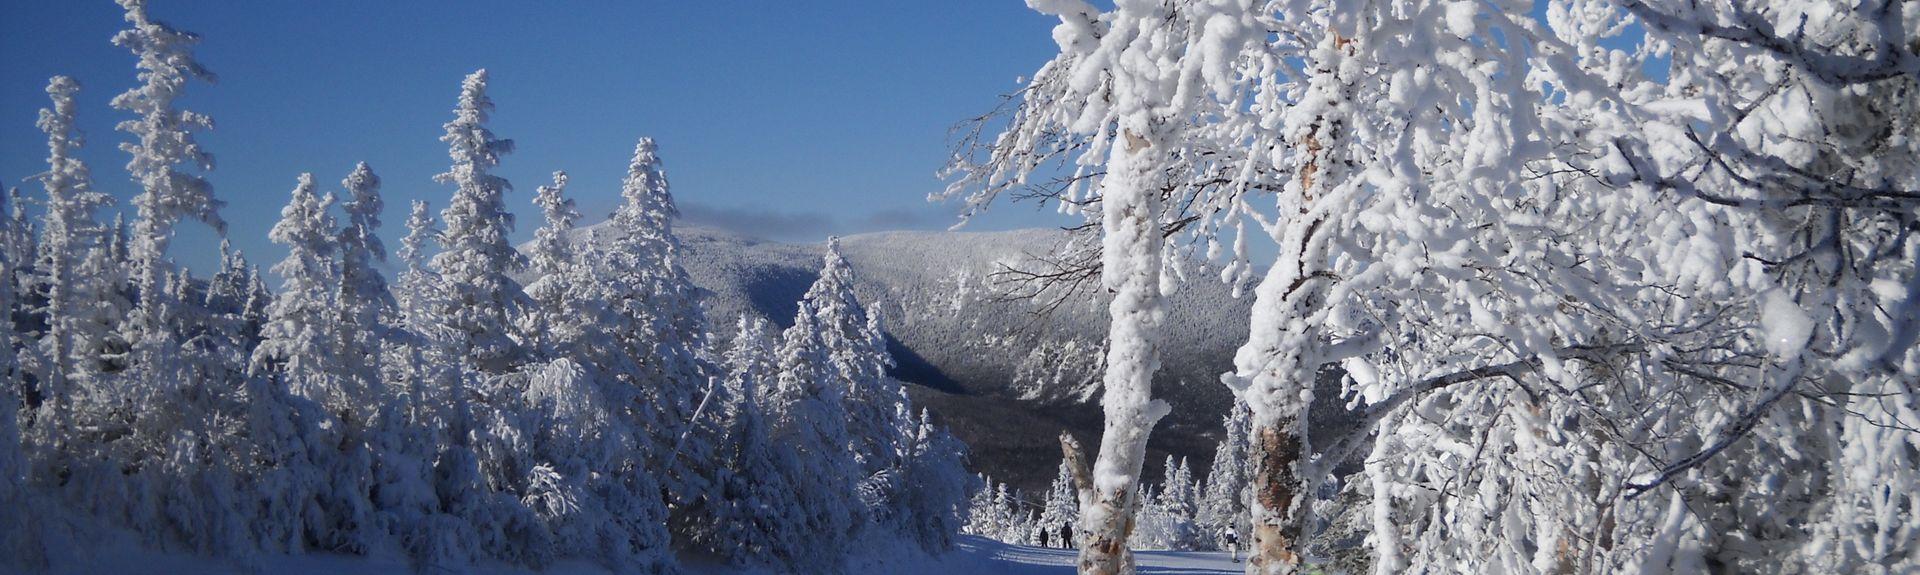 Station de ski de Sugarloaf, Carrabassett Valley, Maine, États-Unis d'Amérique